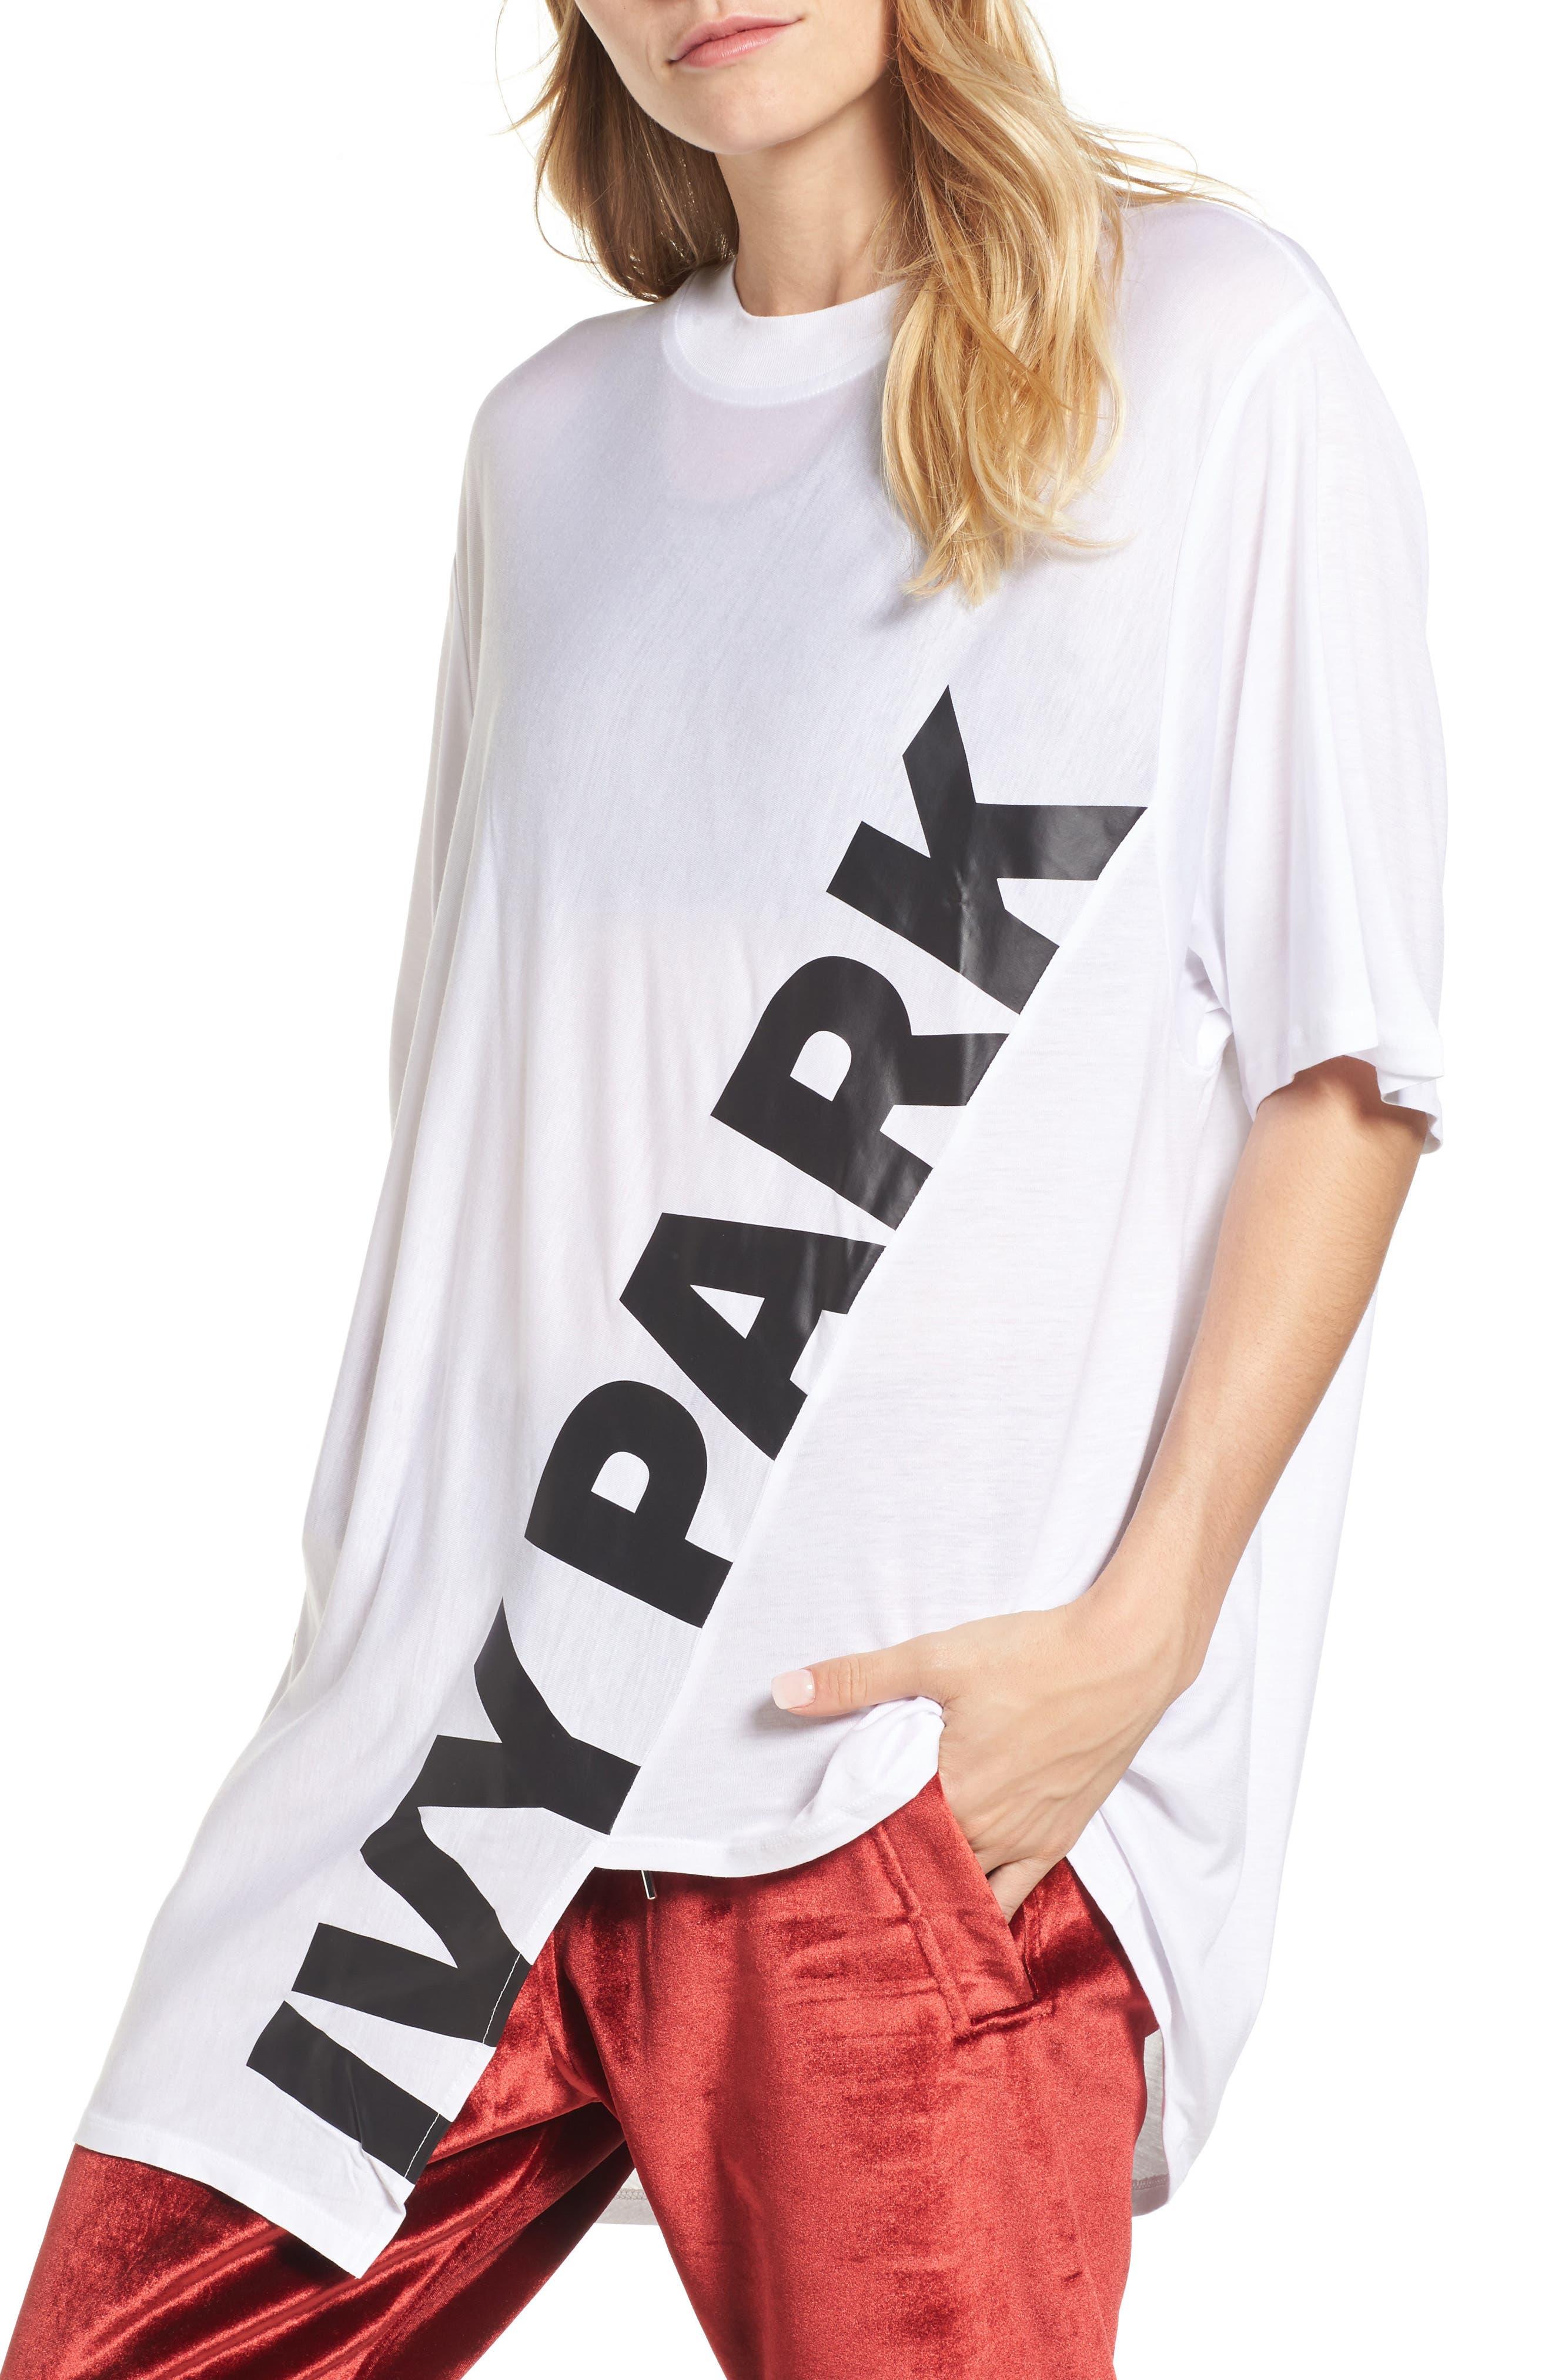 IVY PARK® Asymmetrical Logo Tee